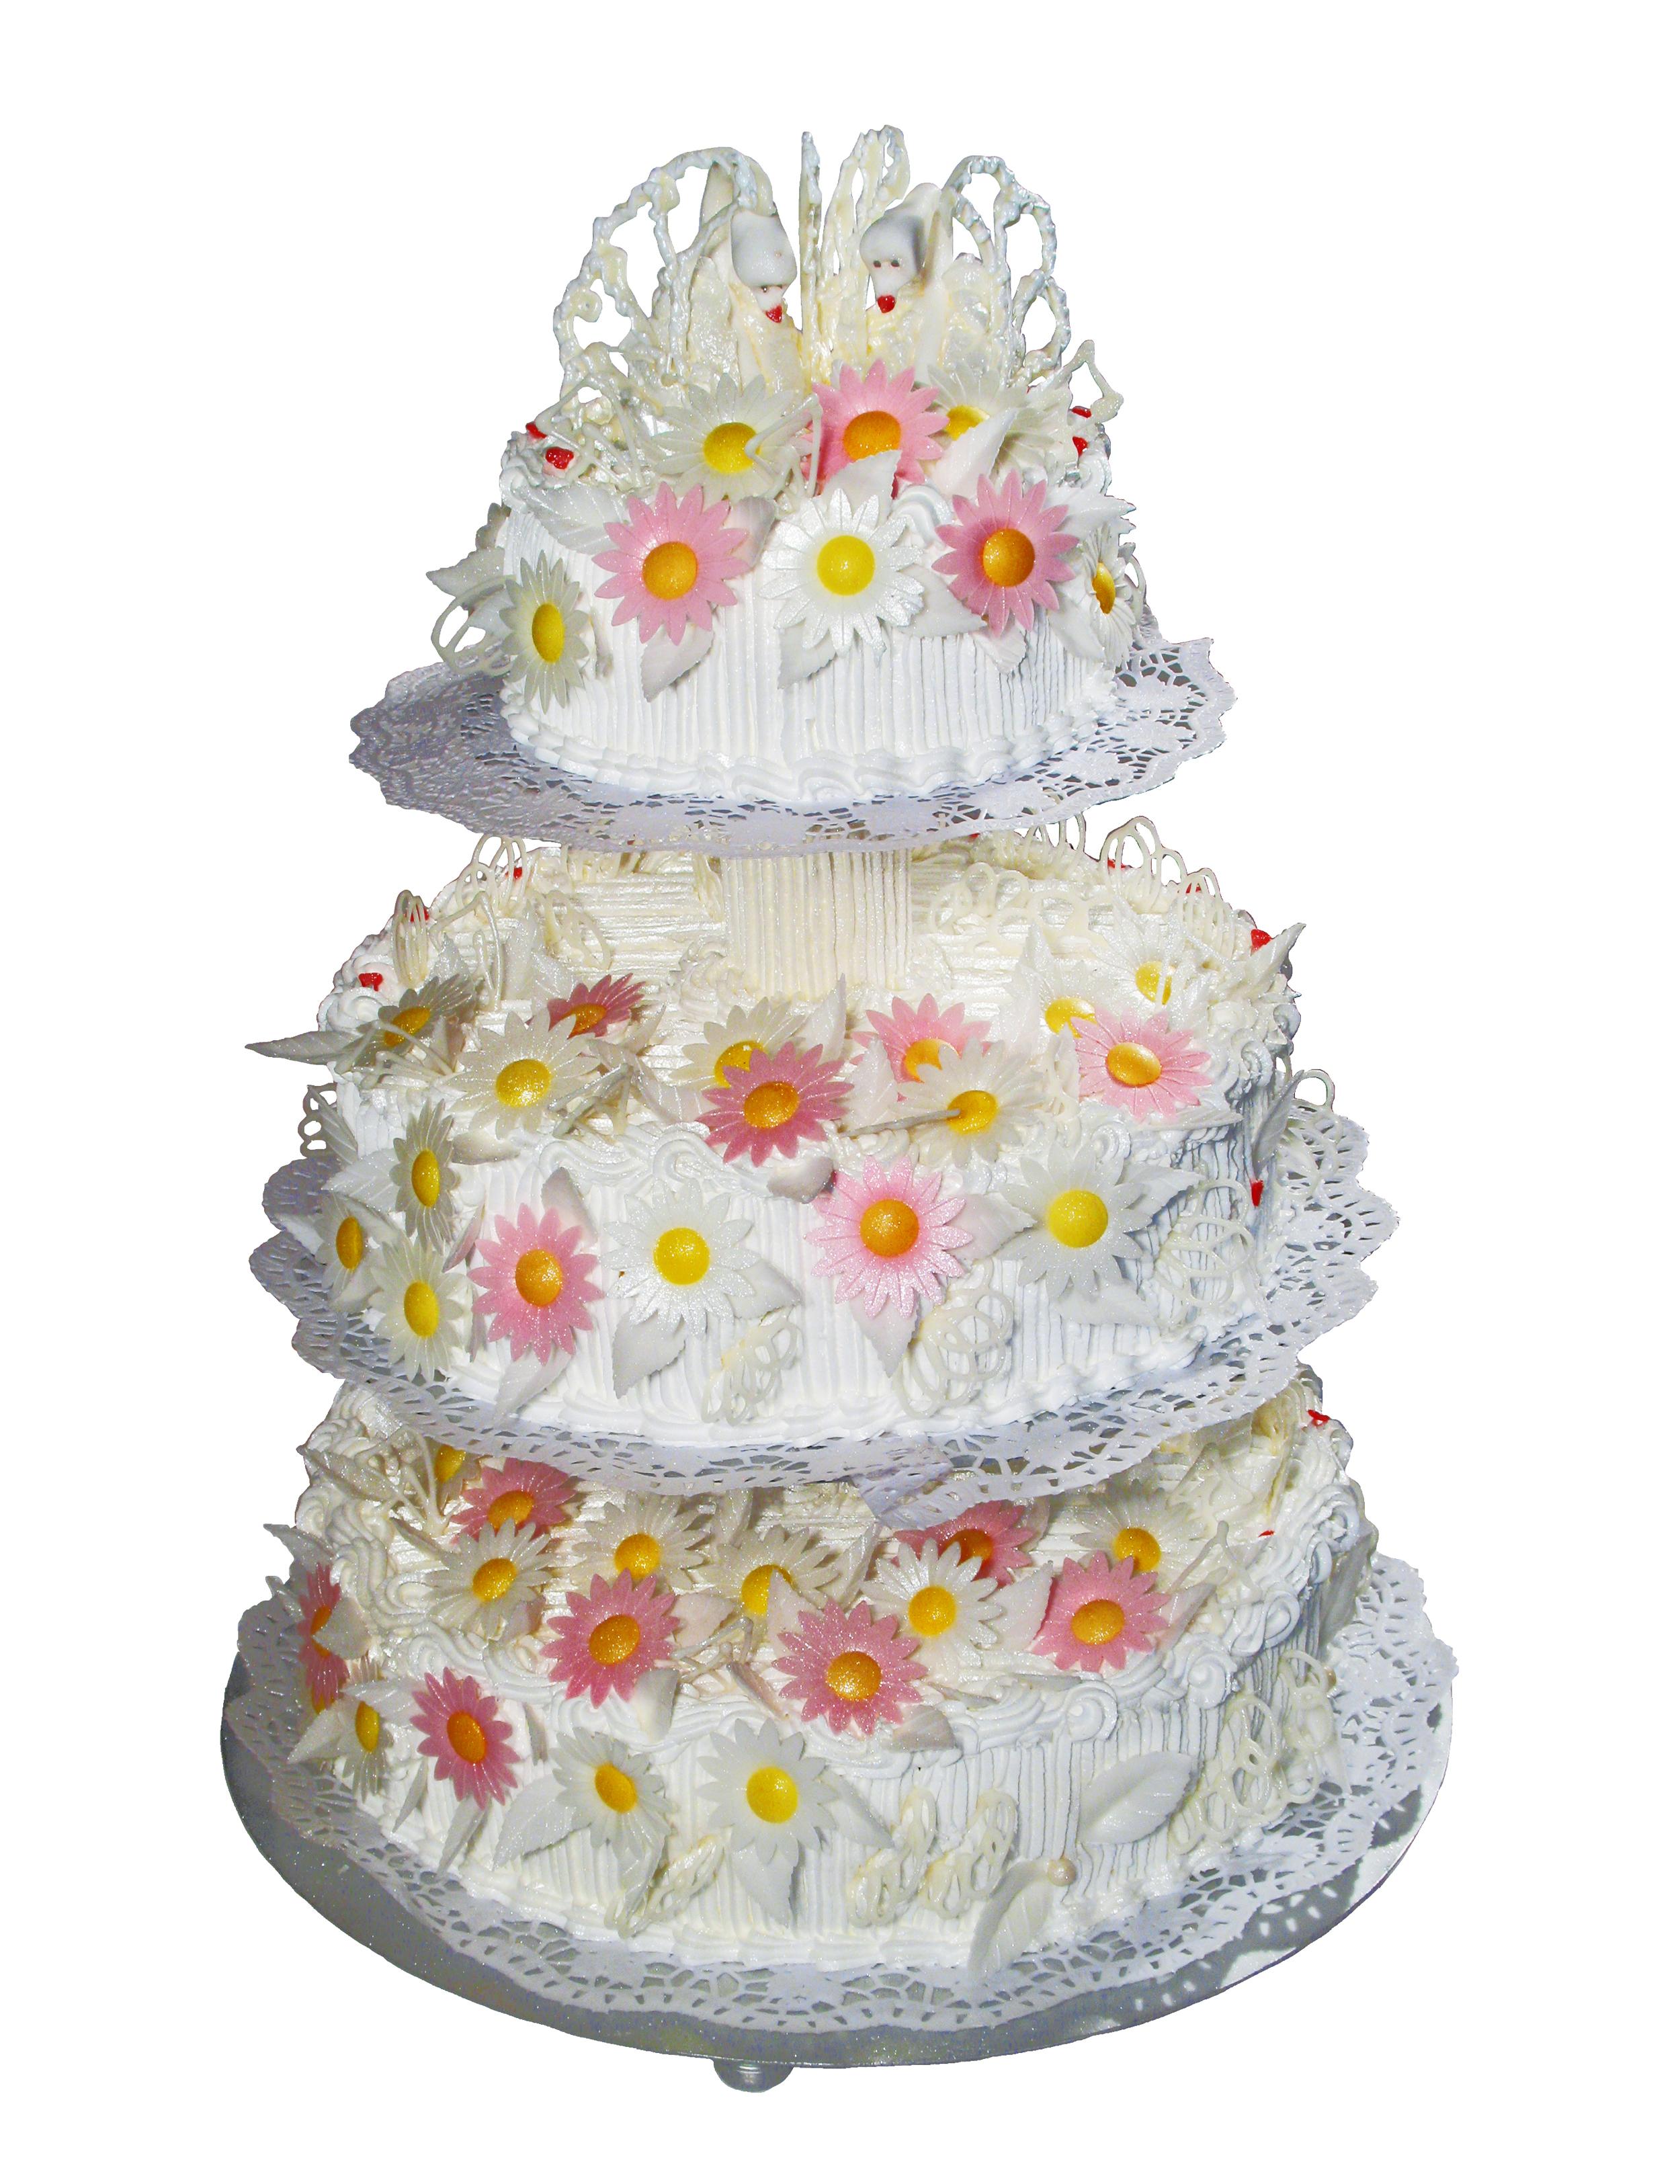 Фото Свадьба Wedding Cake Торты Еда Сладости белом фоне дизайна брак свадьбы свадьбе свадебные Пища Продукты питания Белый фон белым фоном сладкая еда Дизайн